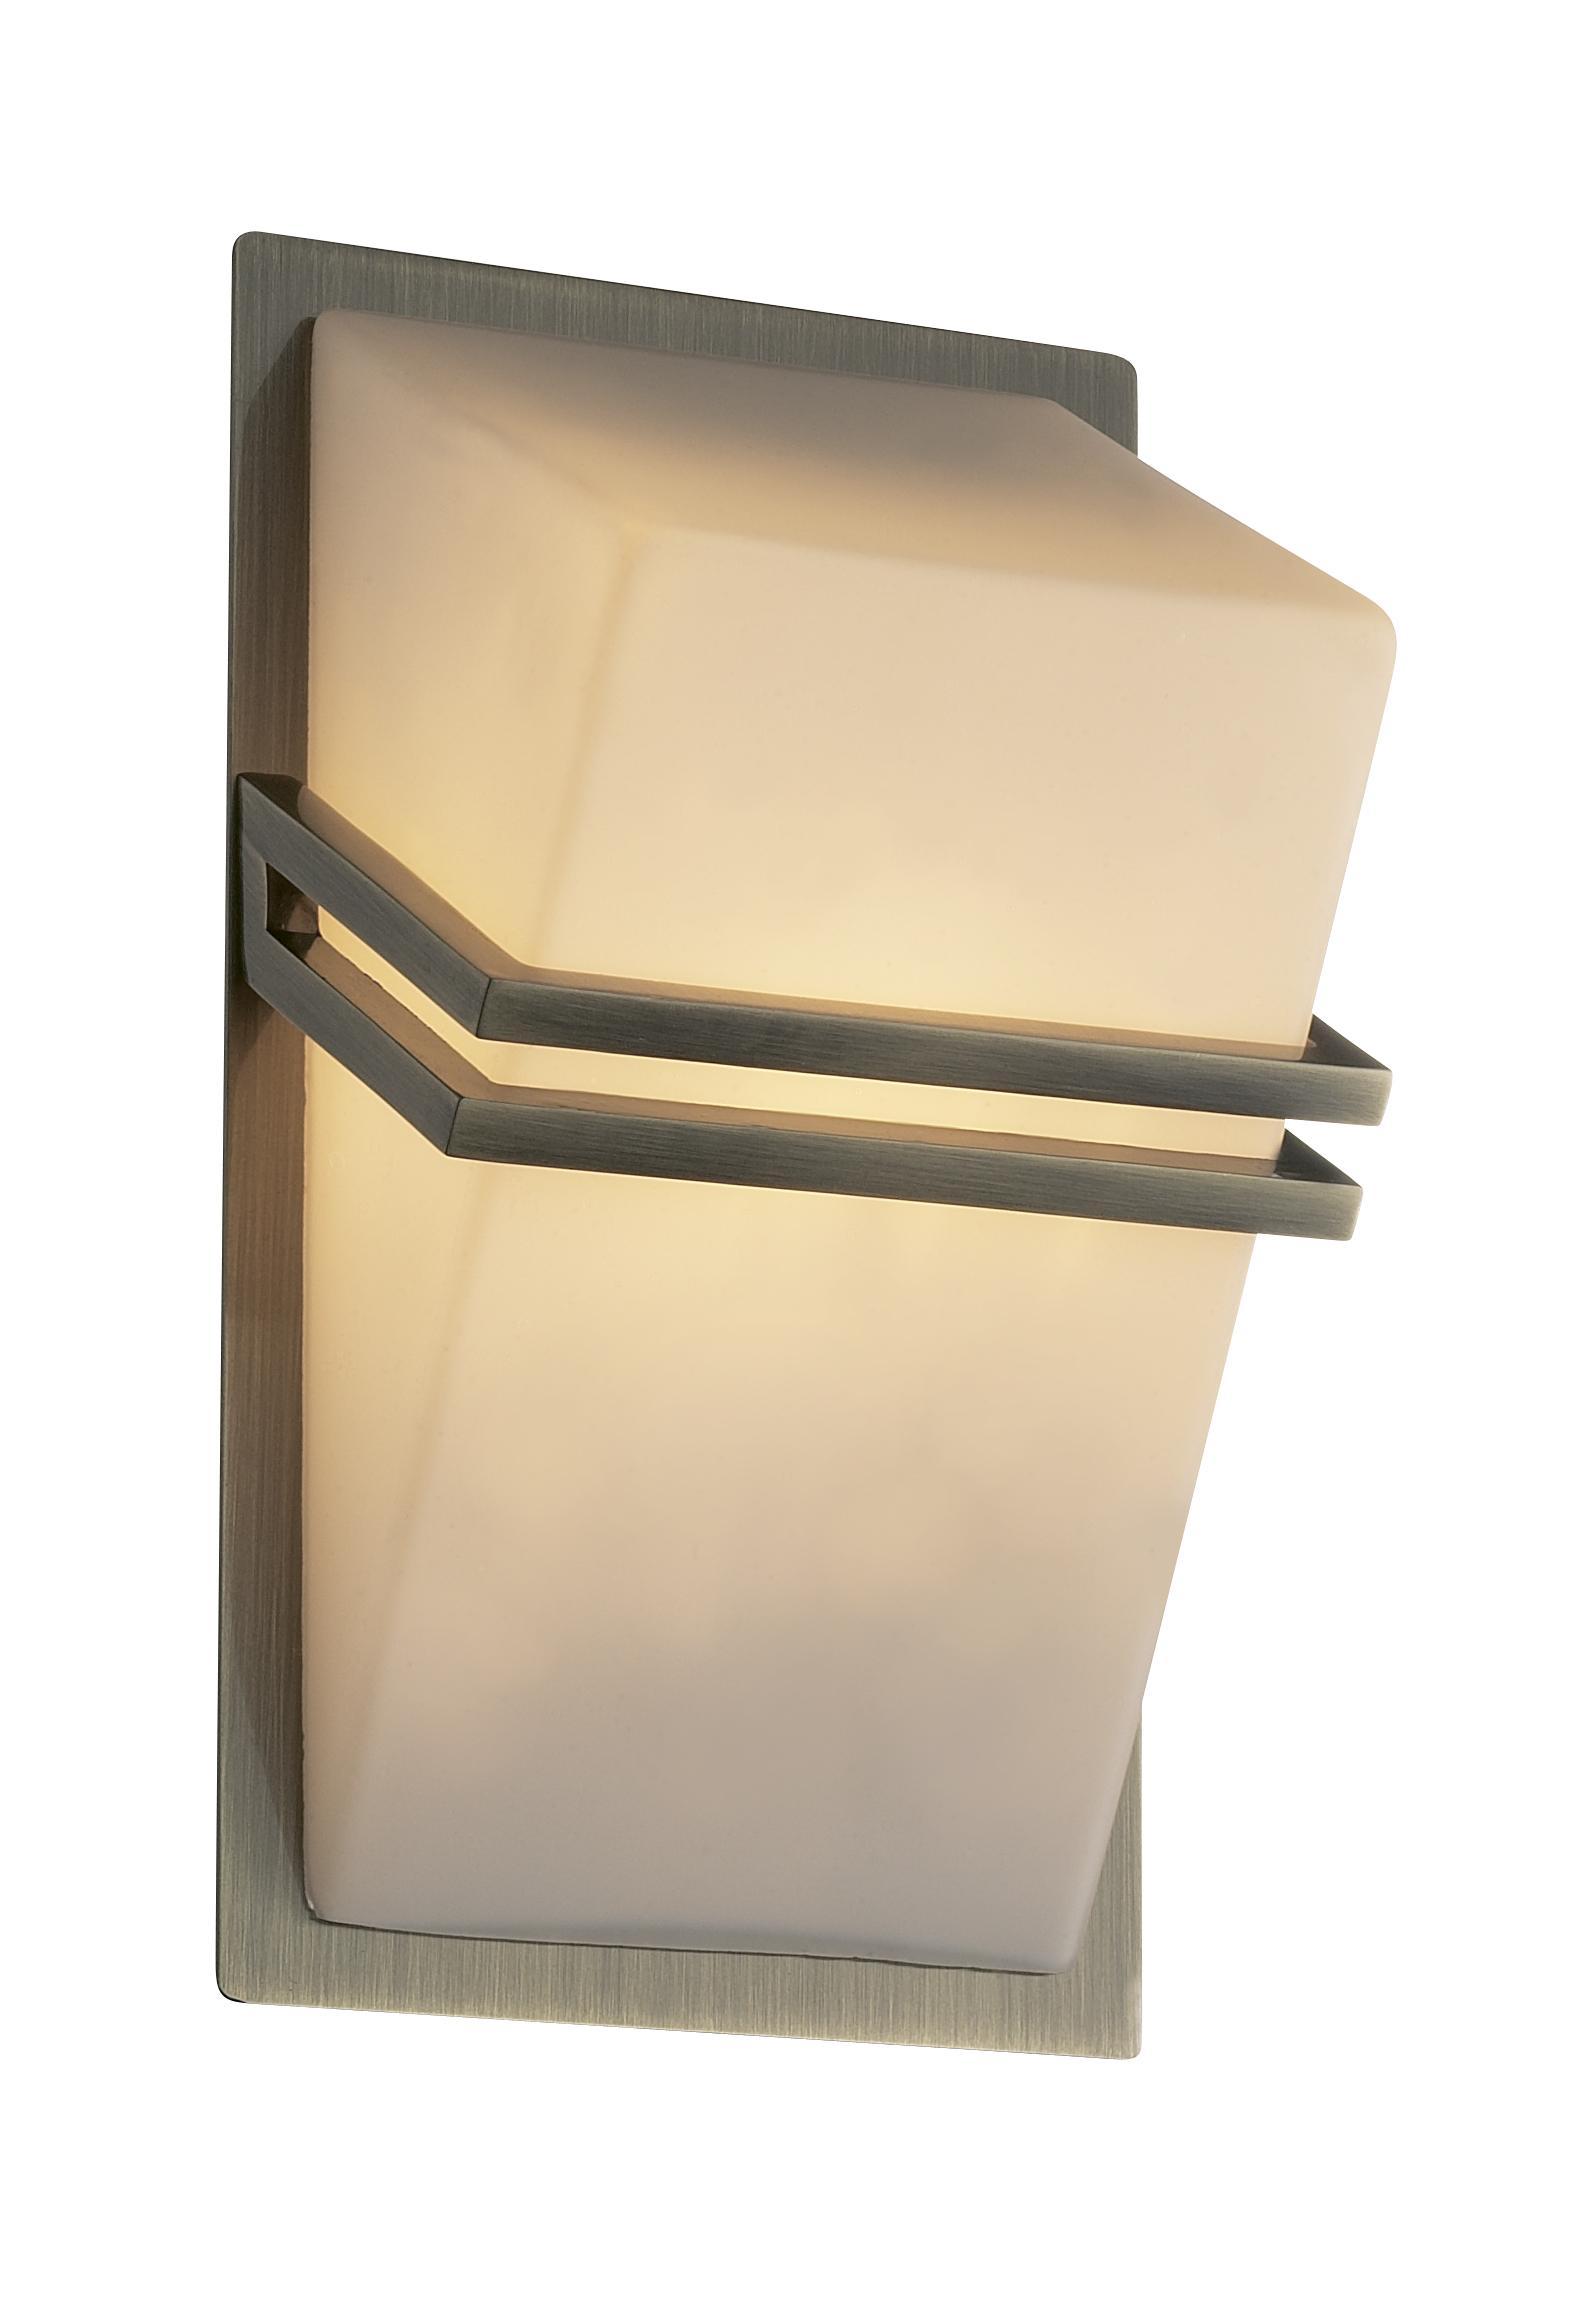 Купить Светильник настенный Odeon light 2023/1w